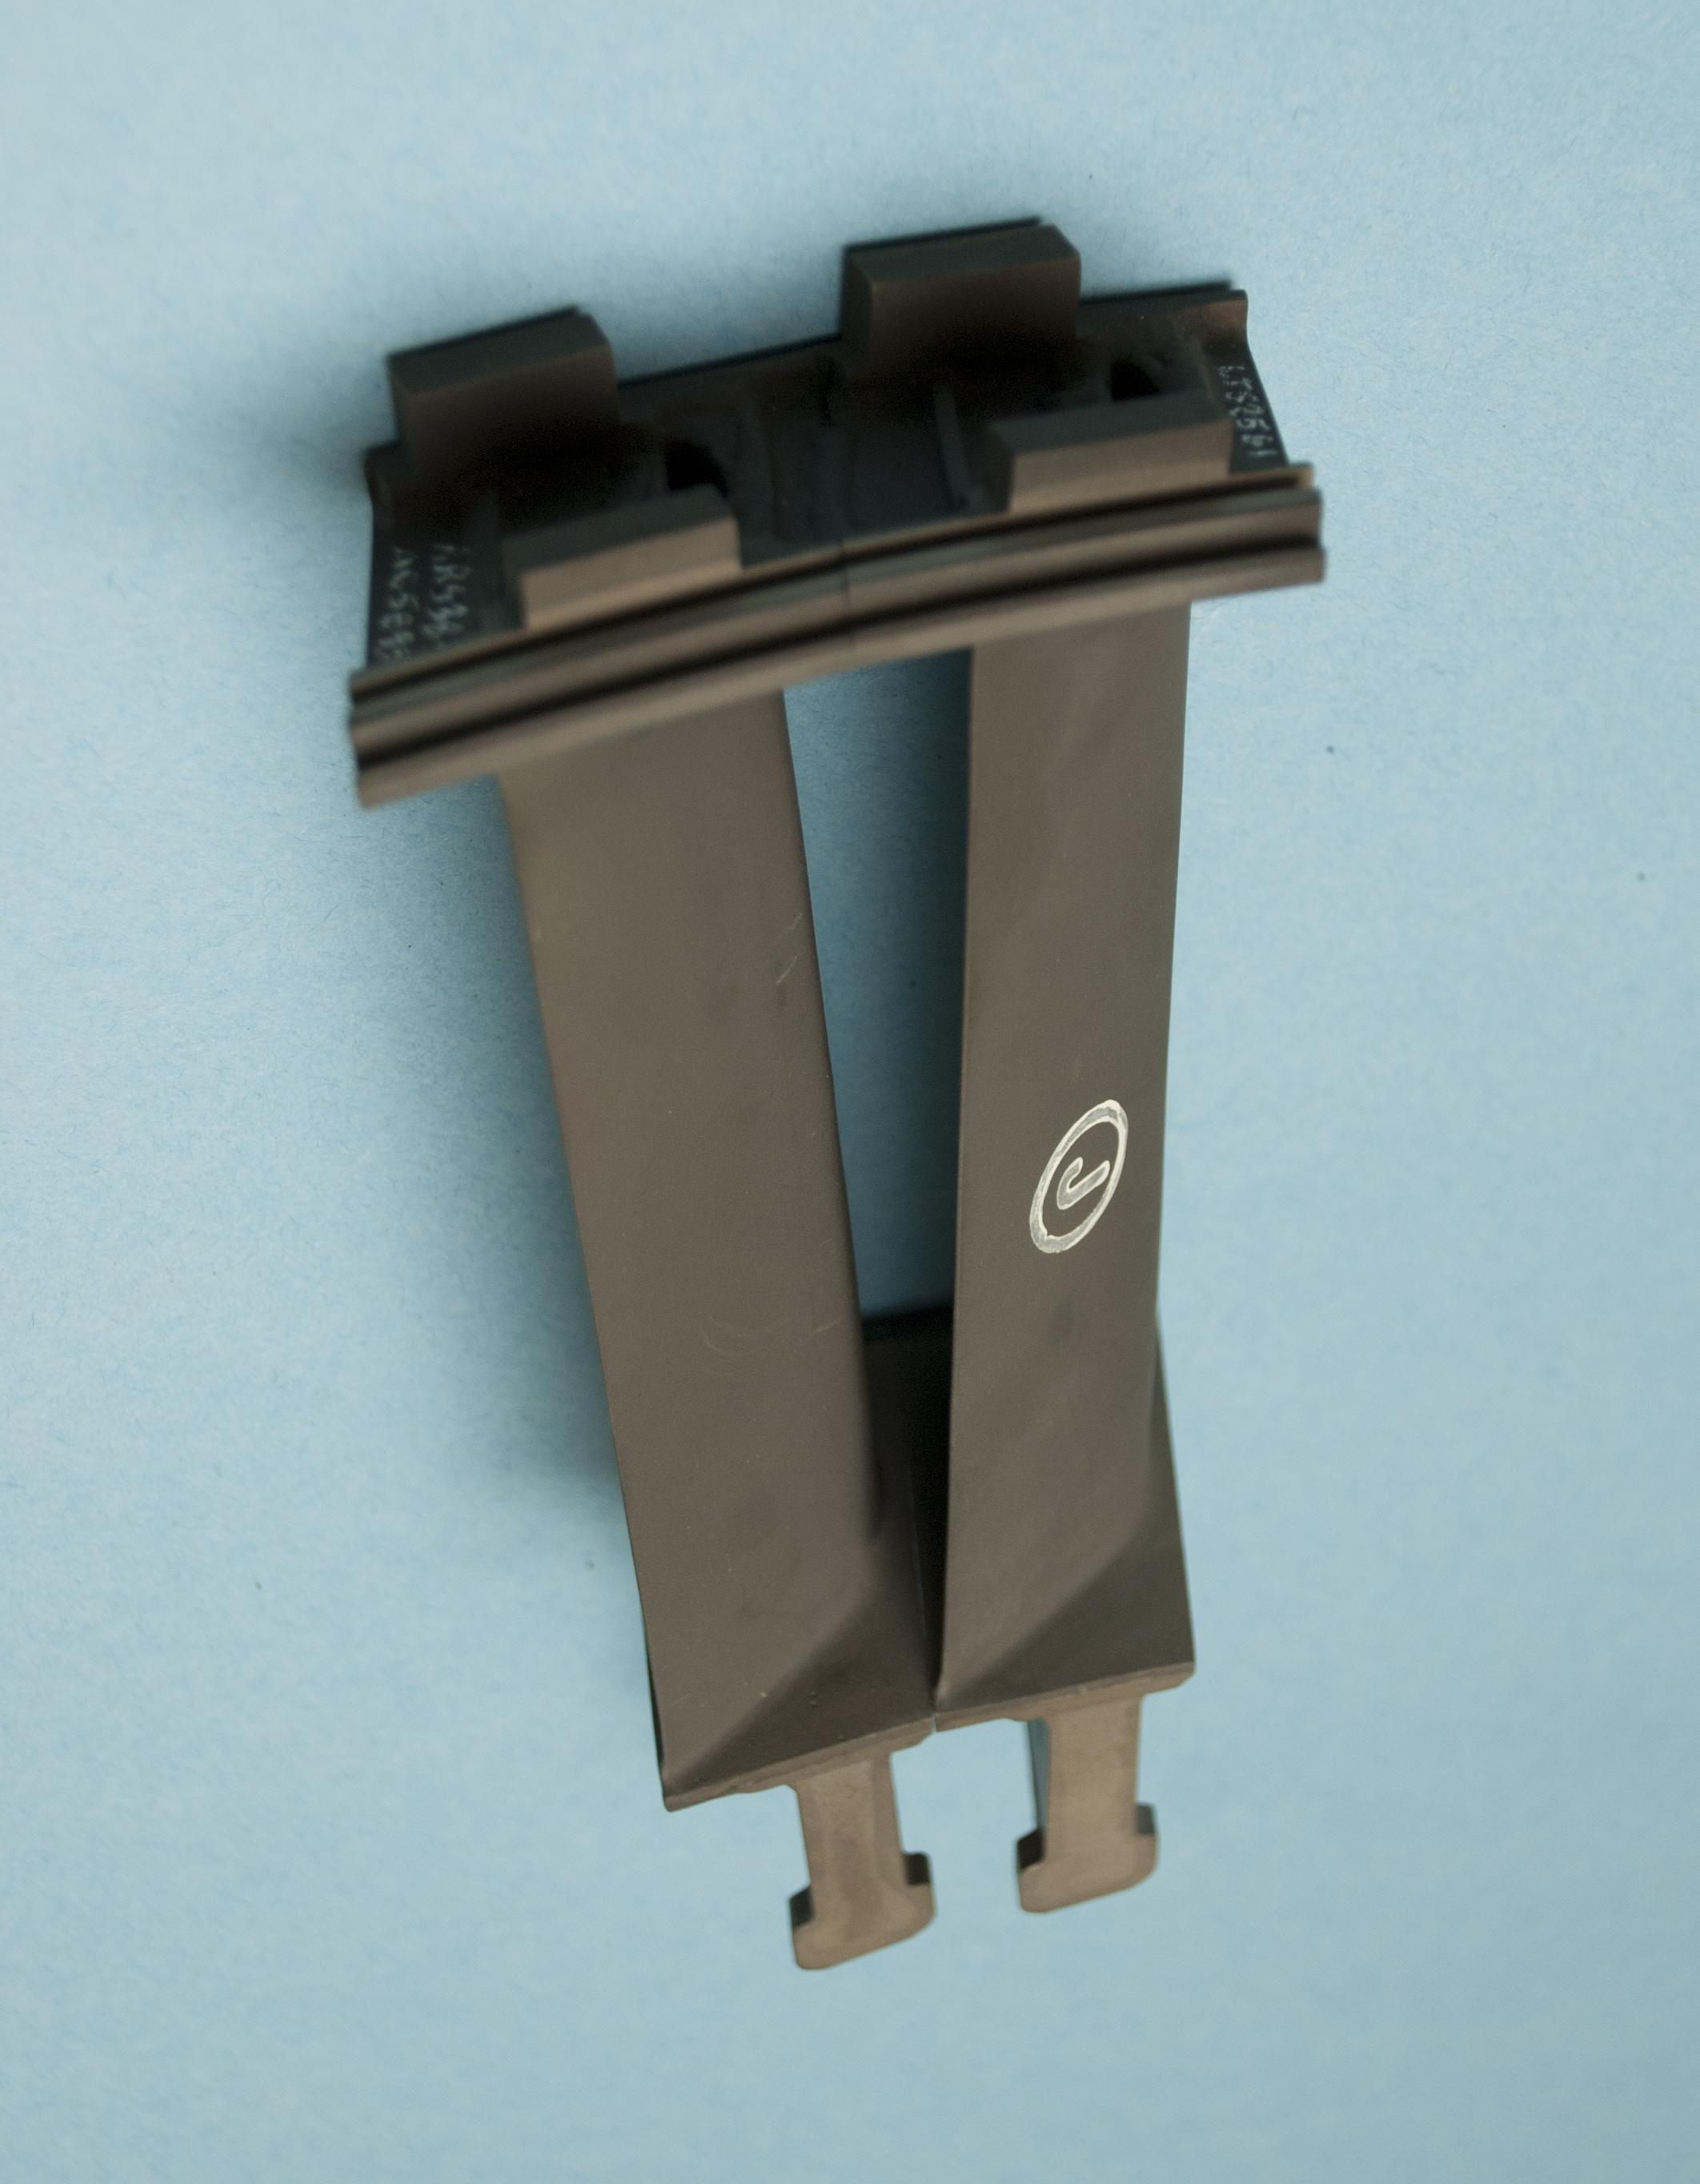 Avon 1533 Intermediate Pressure Nozzle Guide Vanes